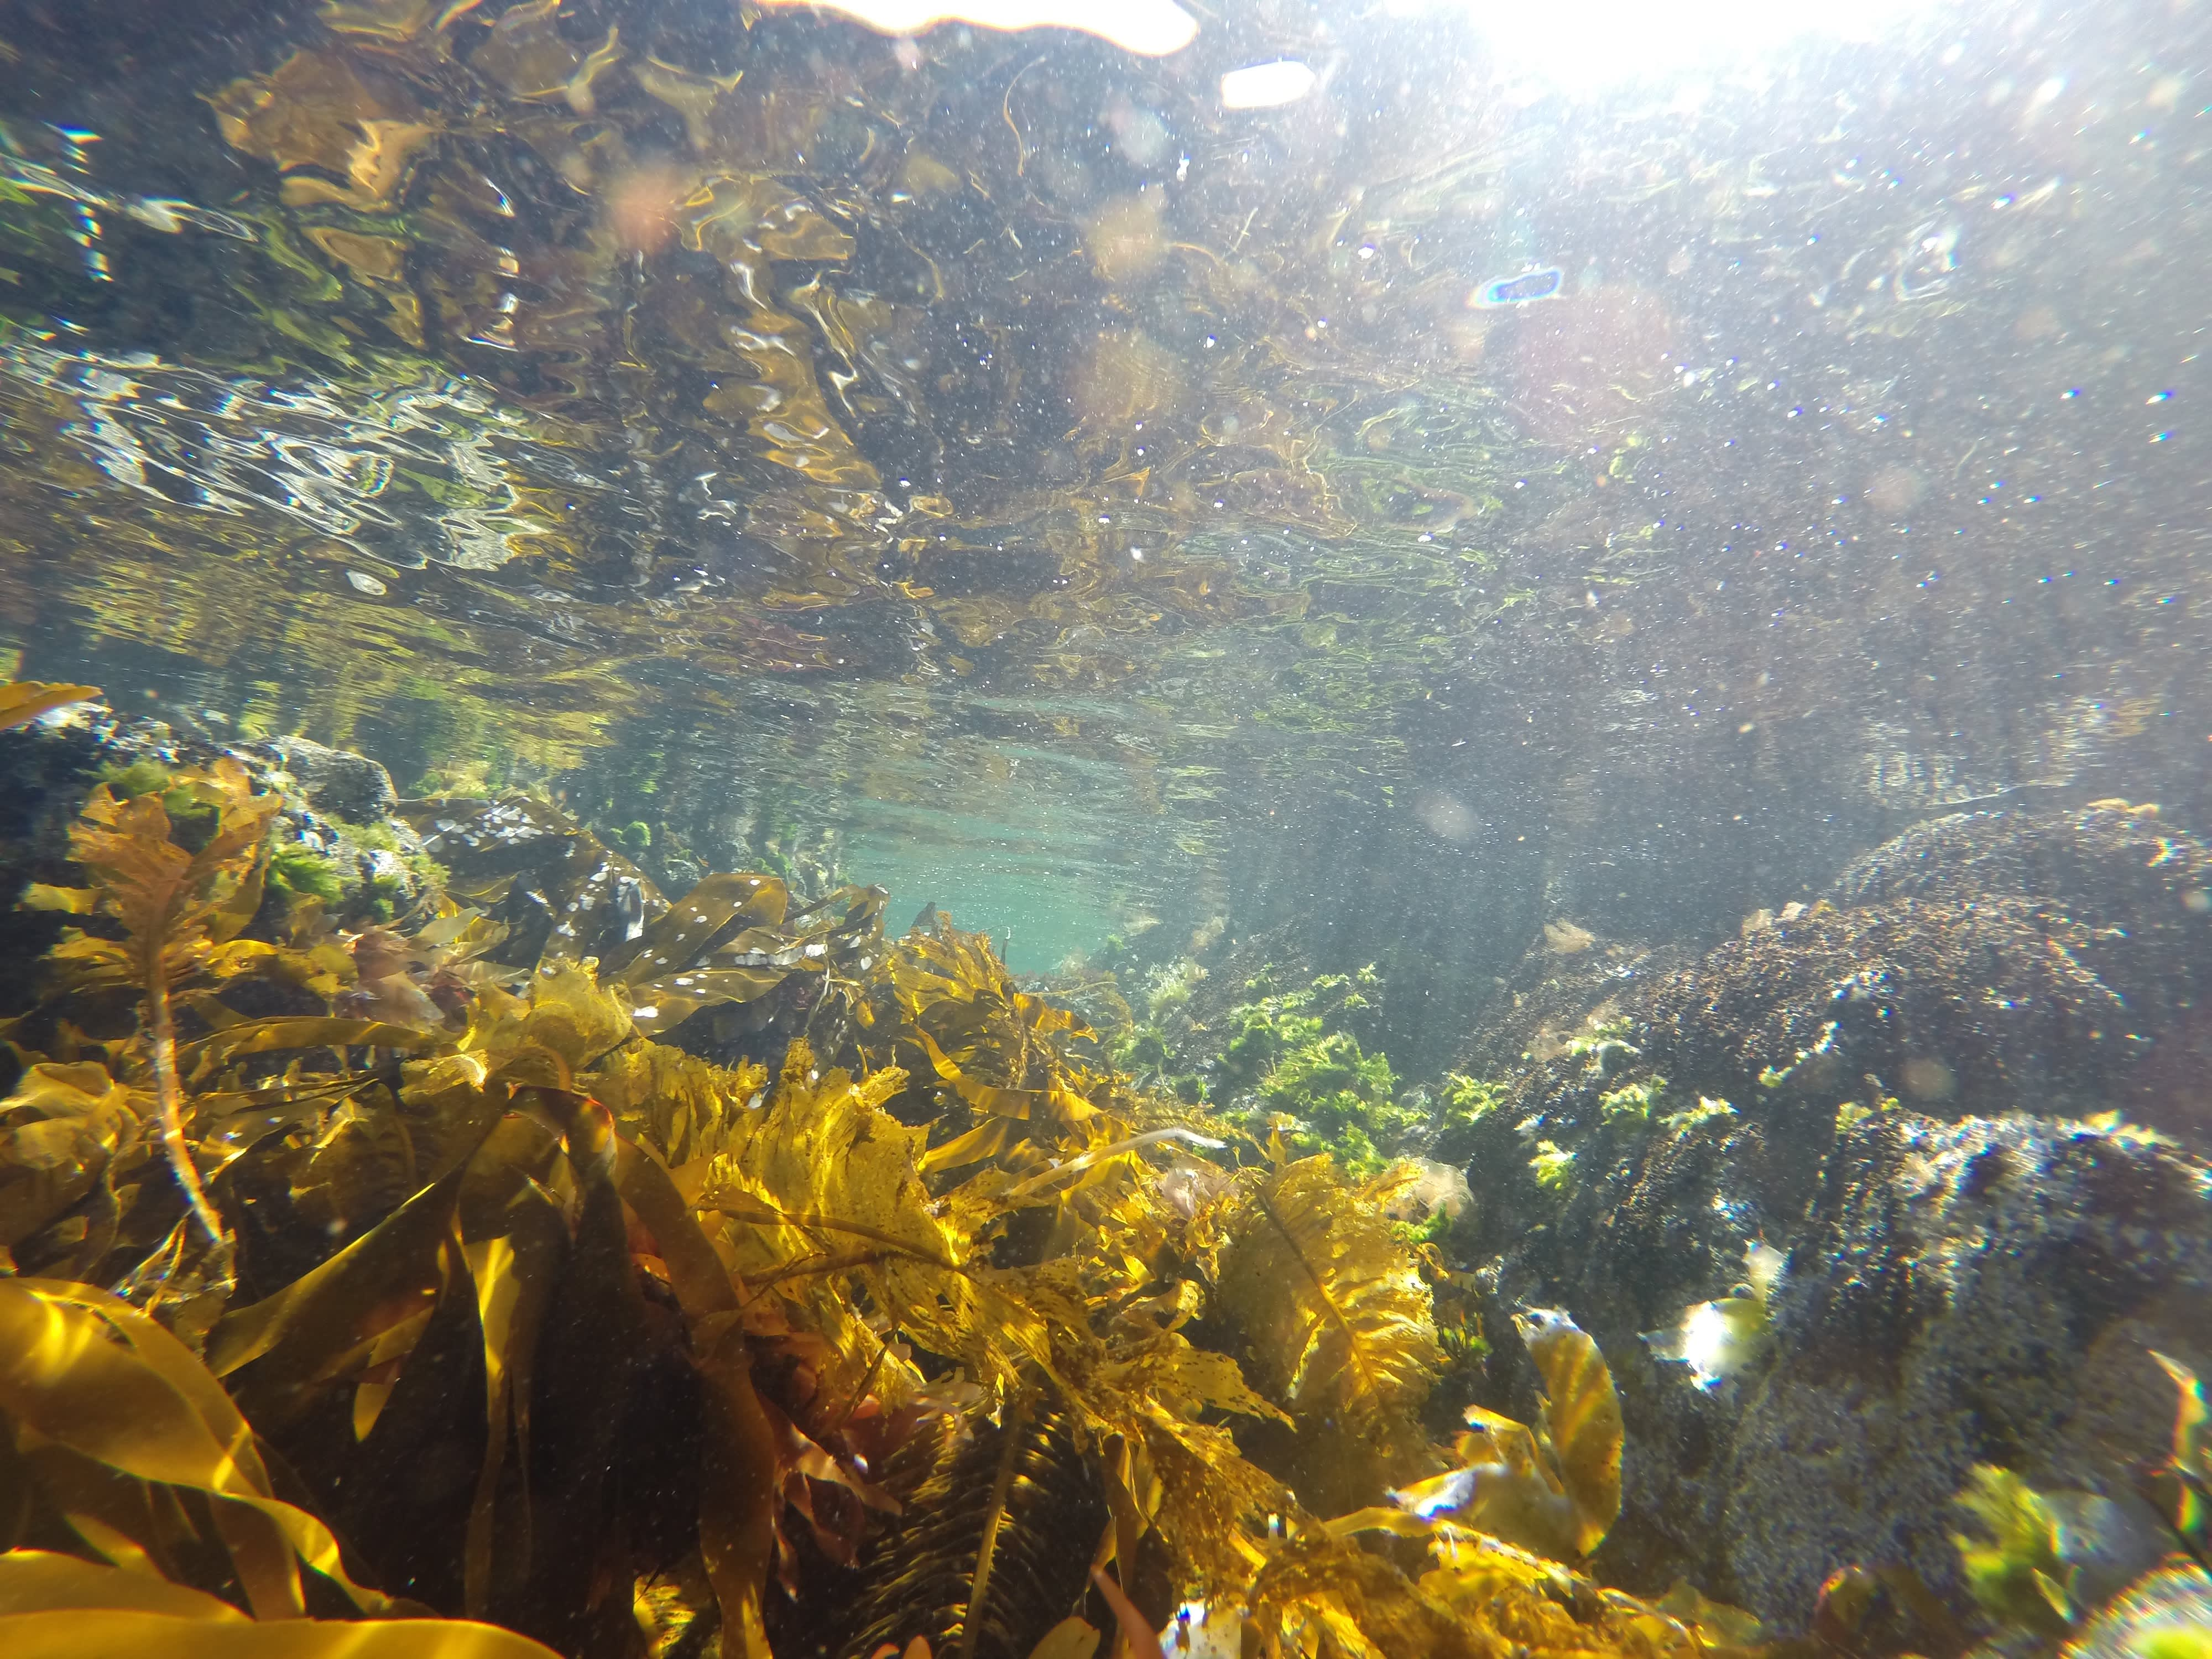 En undervannsjungel. Havet er fullt av vidunderlige smaker og farger.